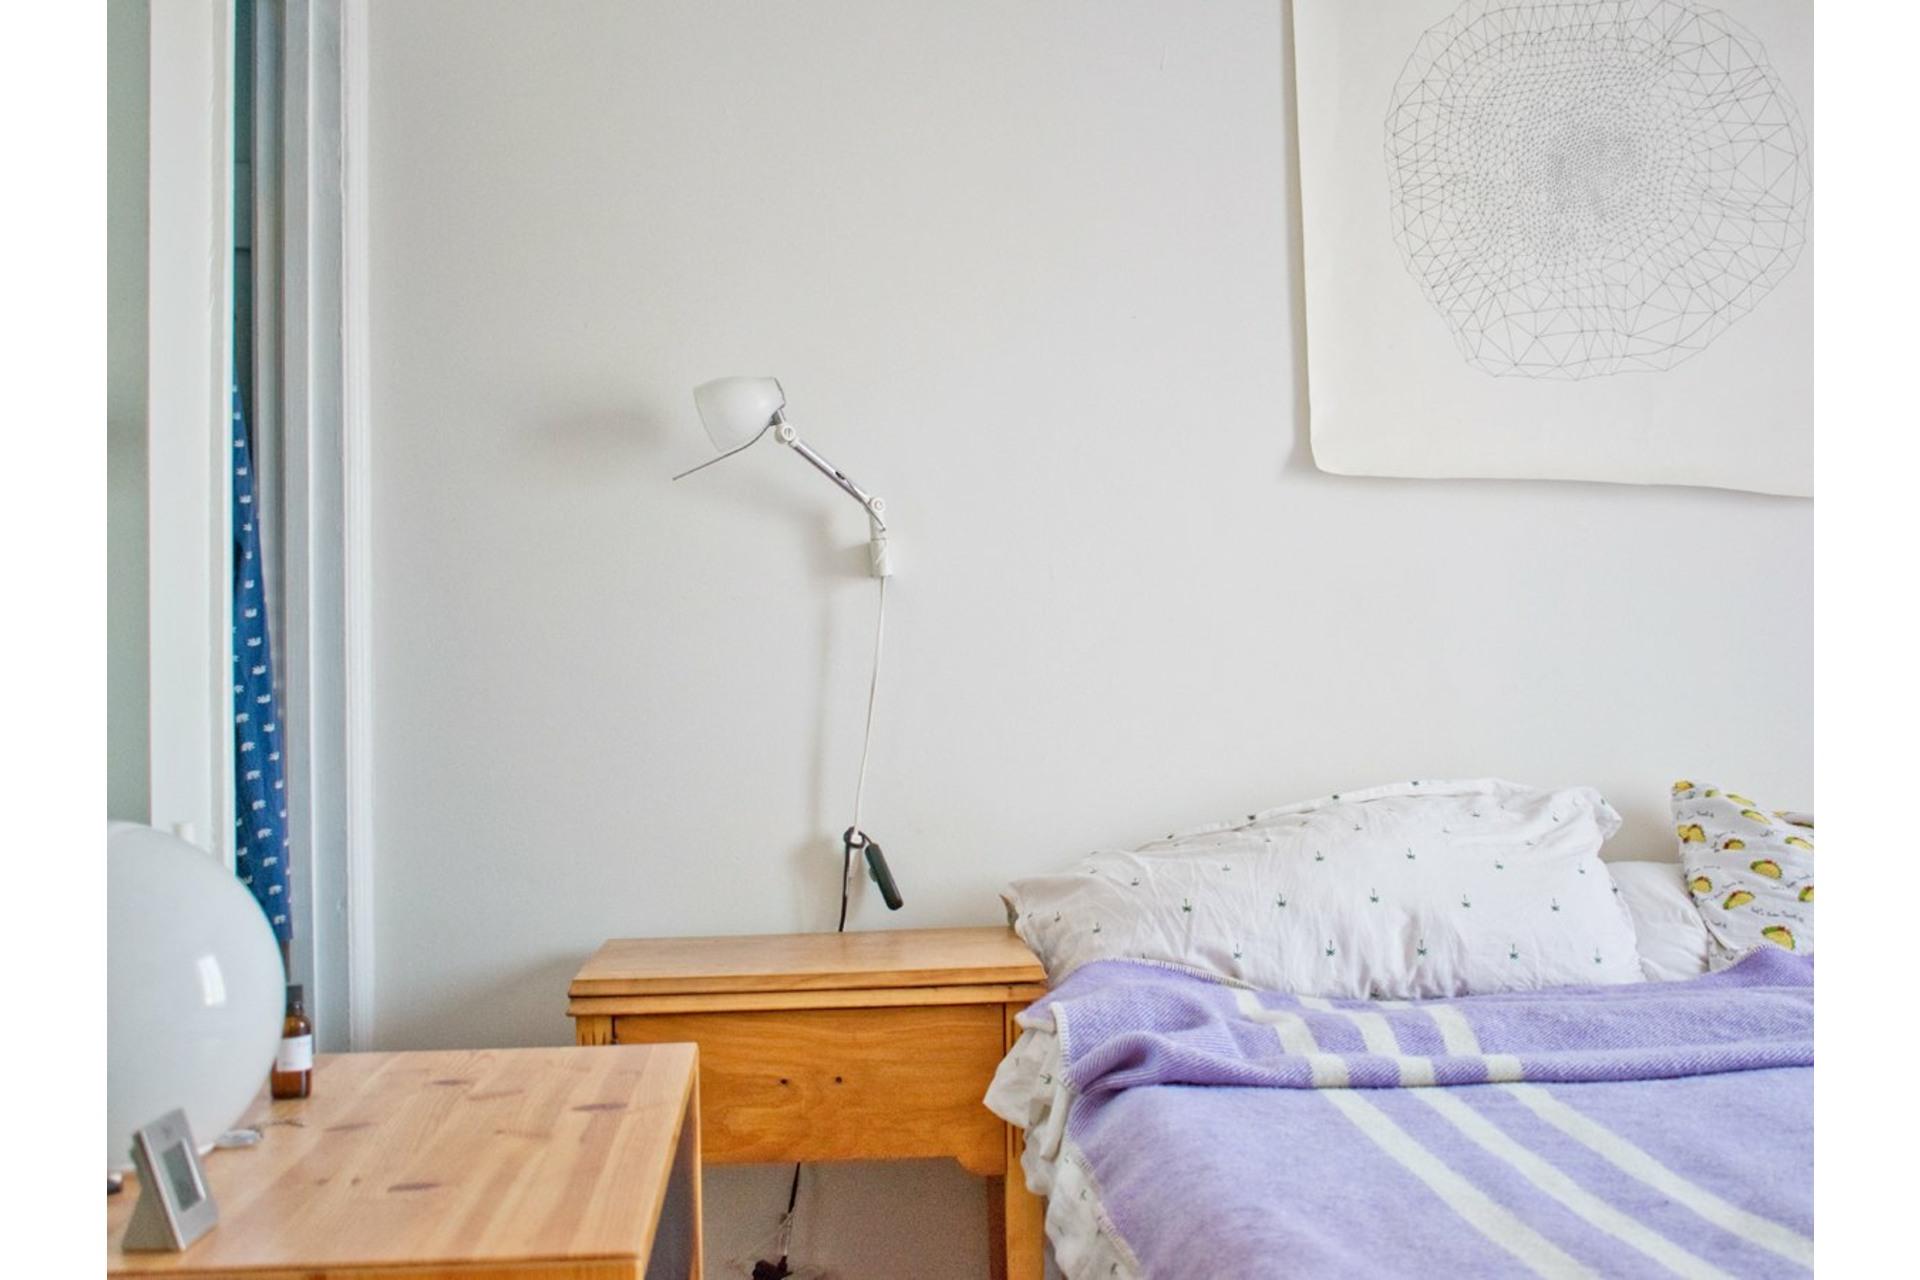 image 15 - Maison À vendre Villeray/Saint-Michel/Parc-Extension Montréal  - 9 pièces